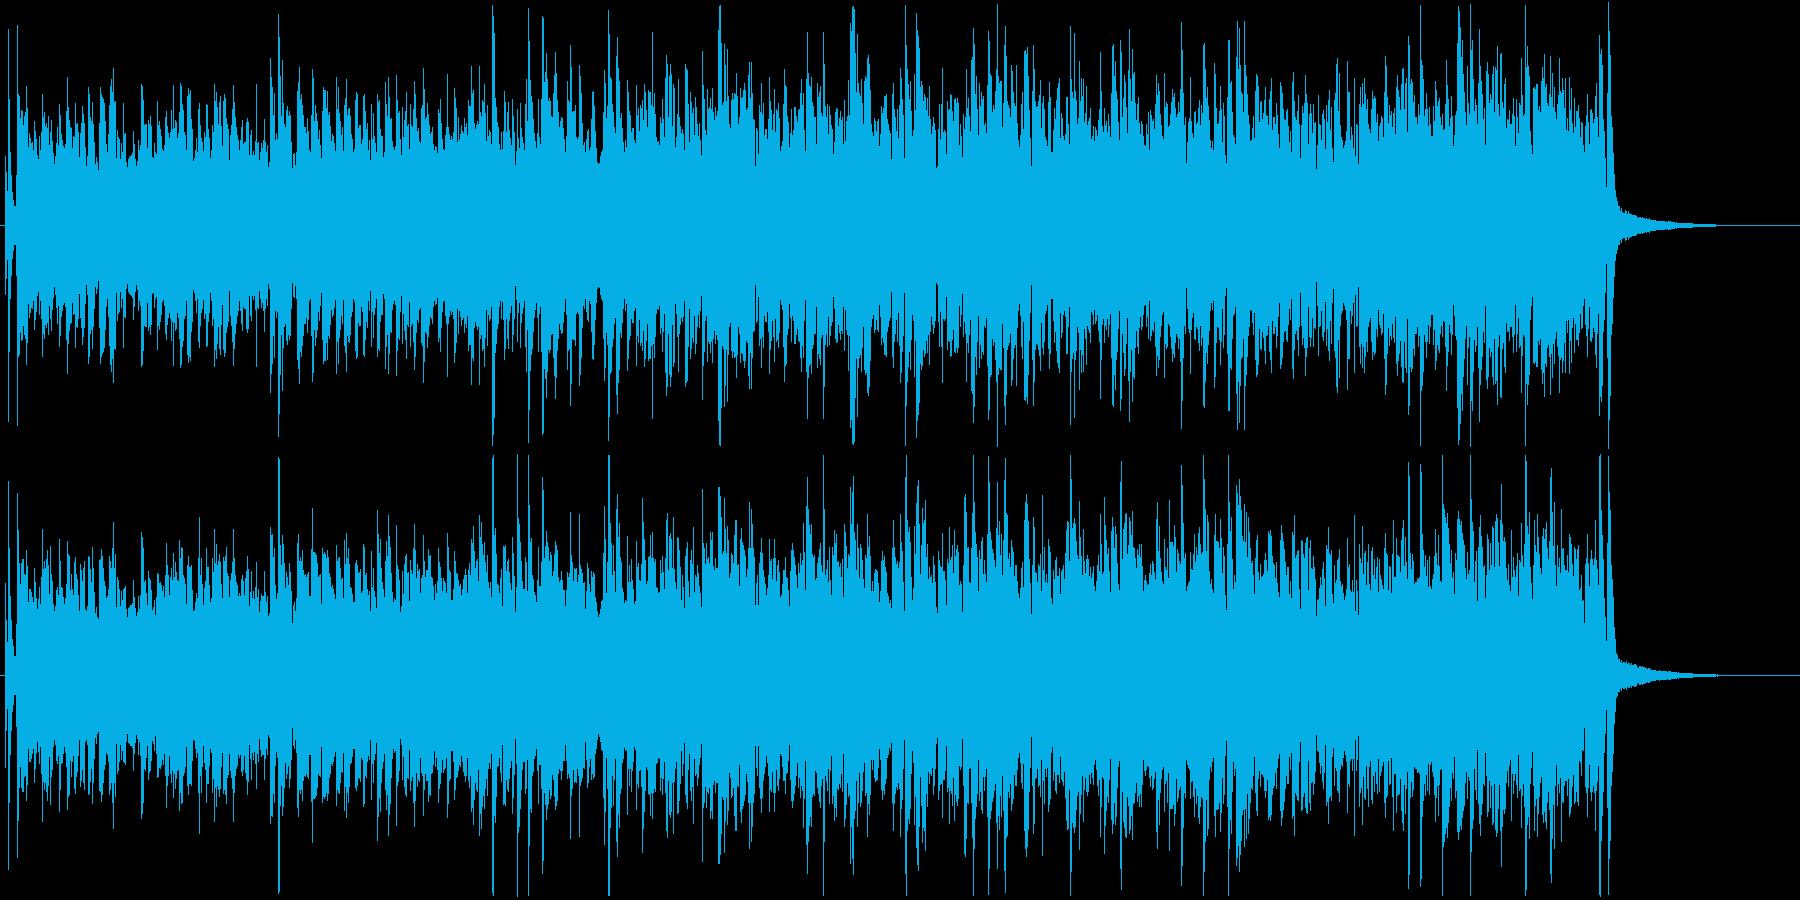 躍動感のある本格的ジャズピアノサウンドの再生済みの波形